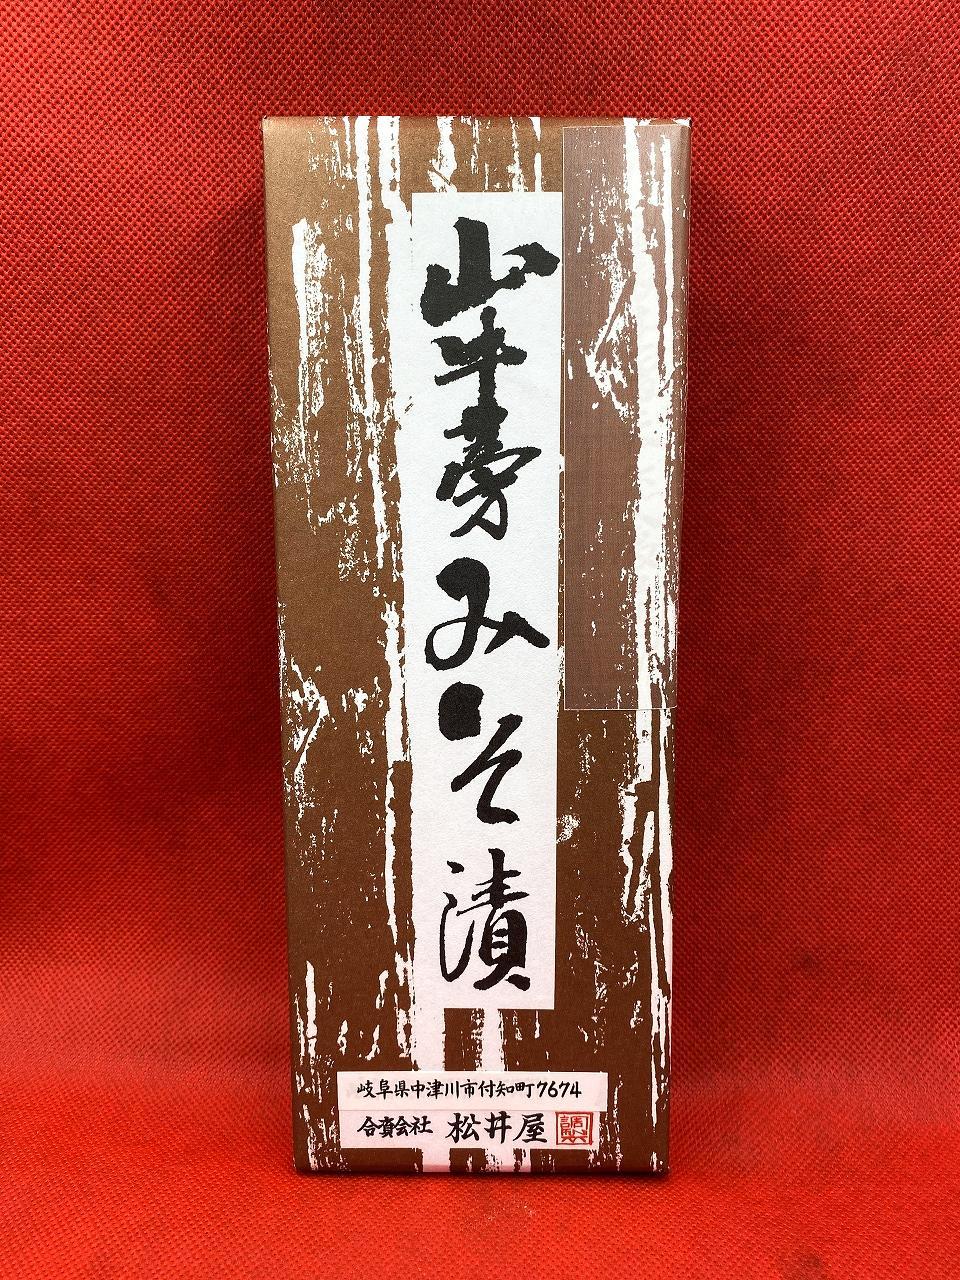 松井屋商店の山ごぼうの味噌漬画像